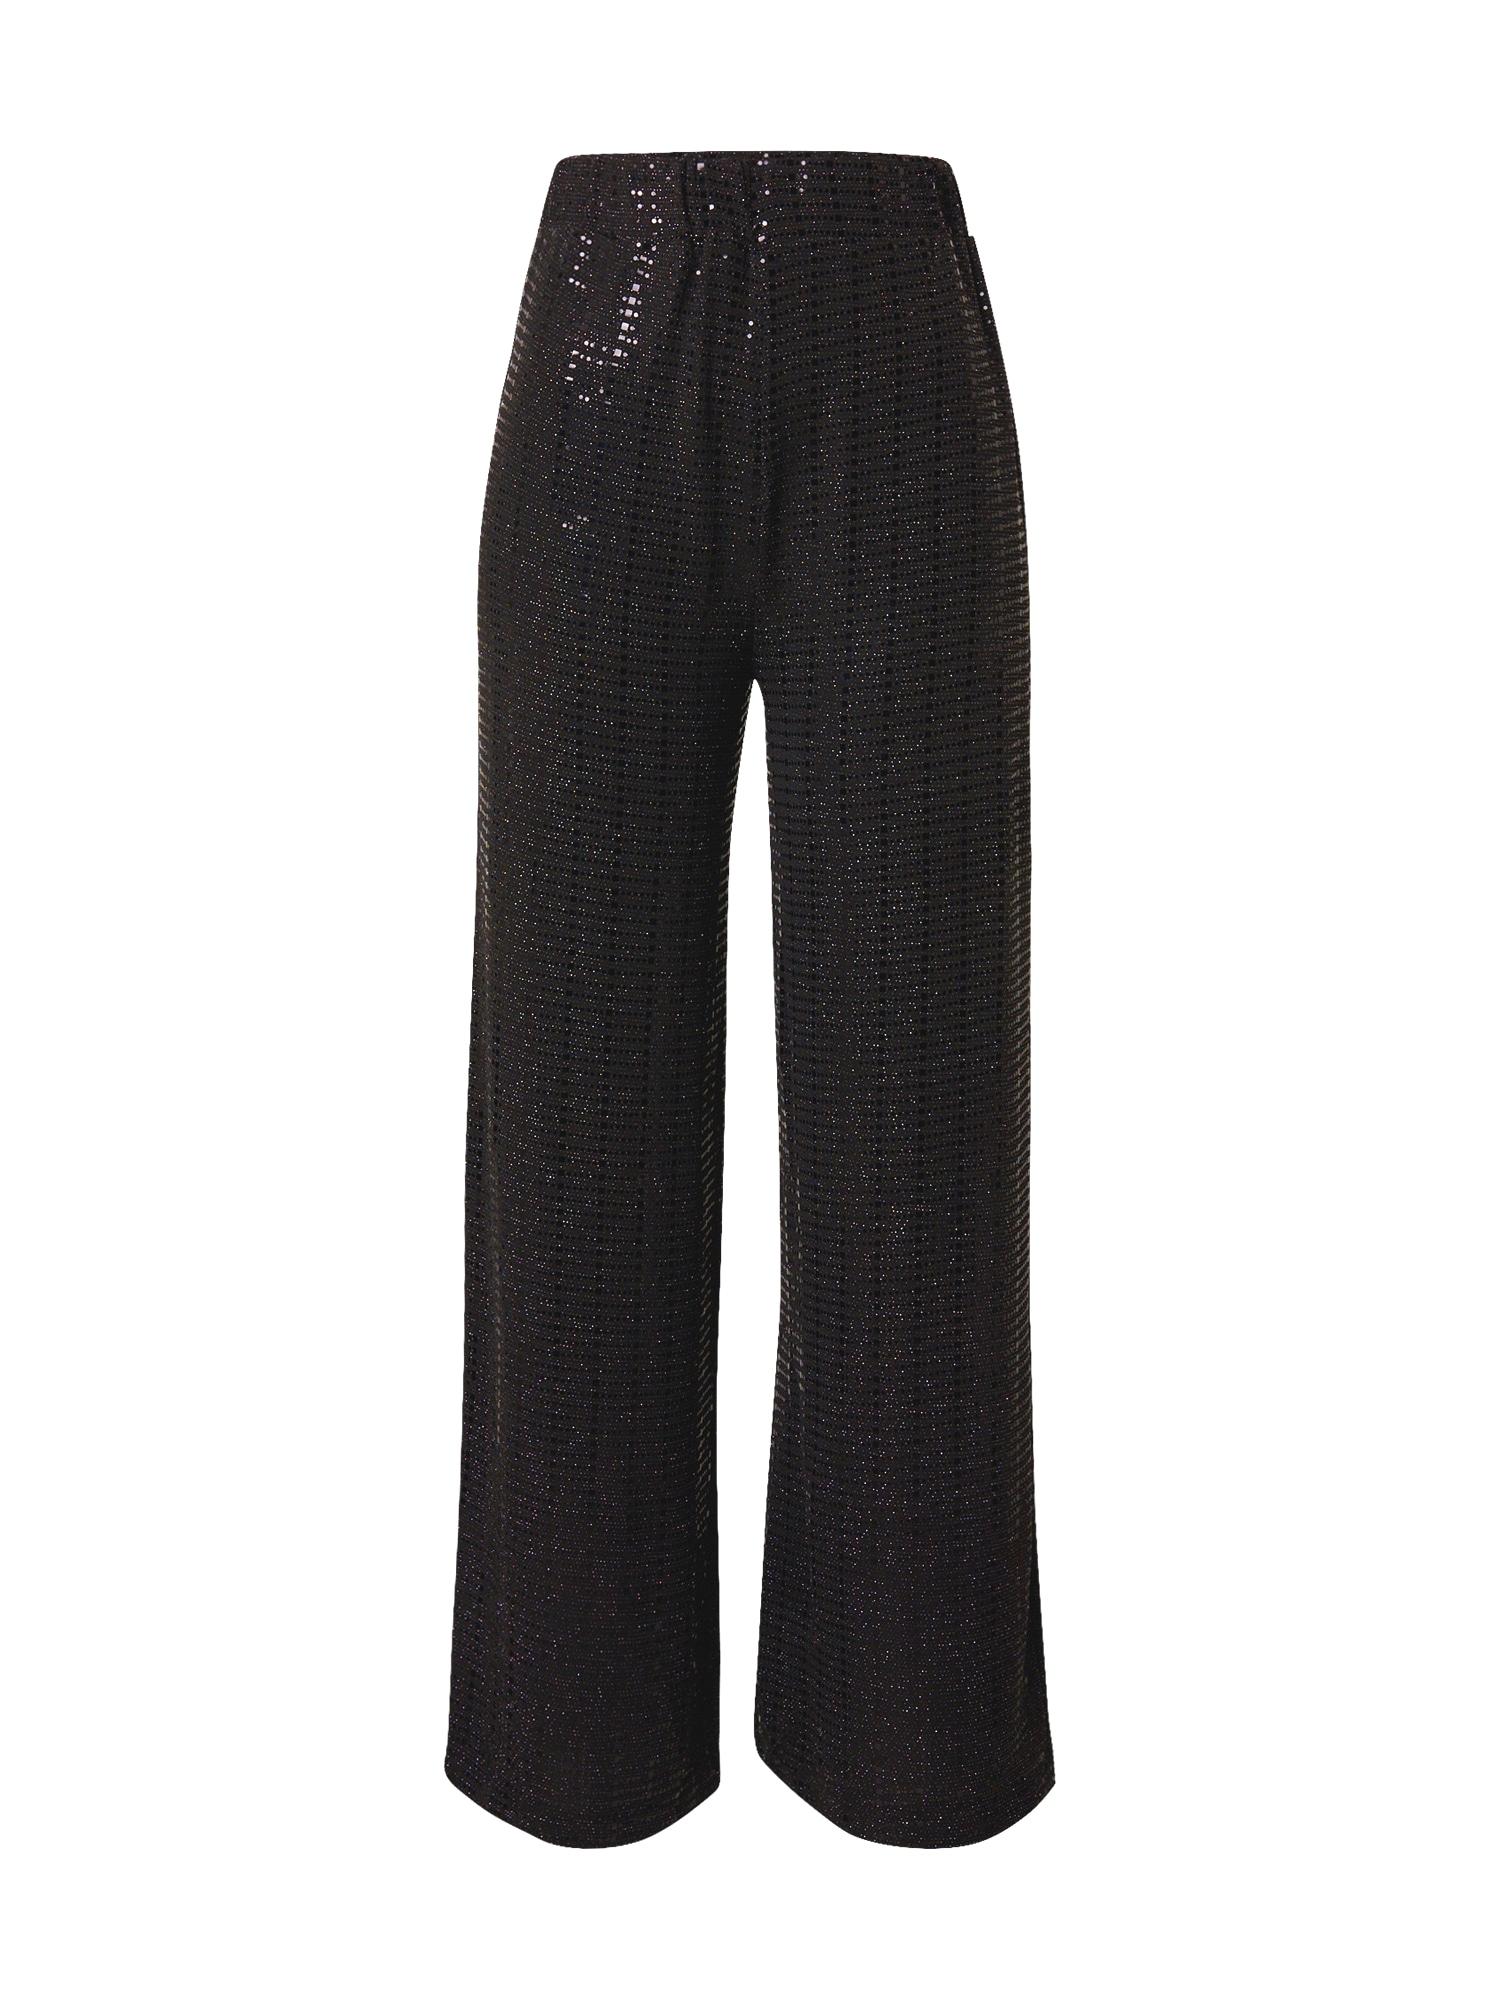 SELECTED FEMME Kalhoty 'Sandra'  černá / stříbrná